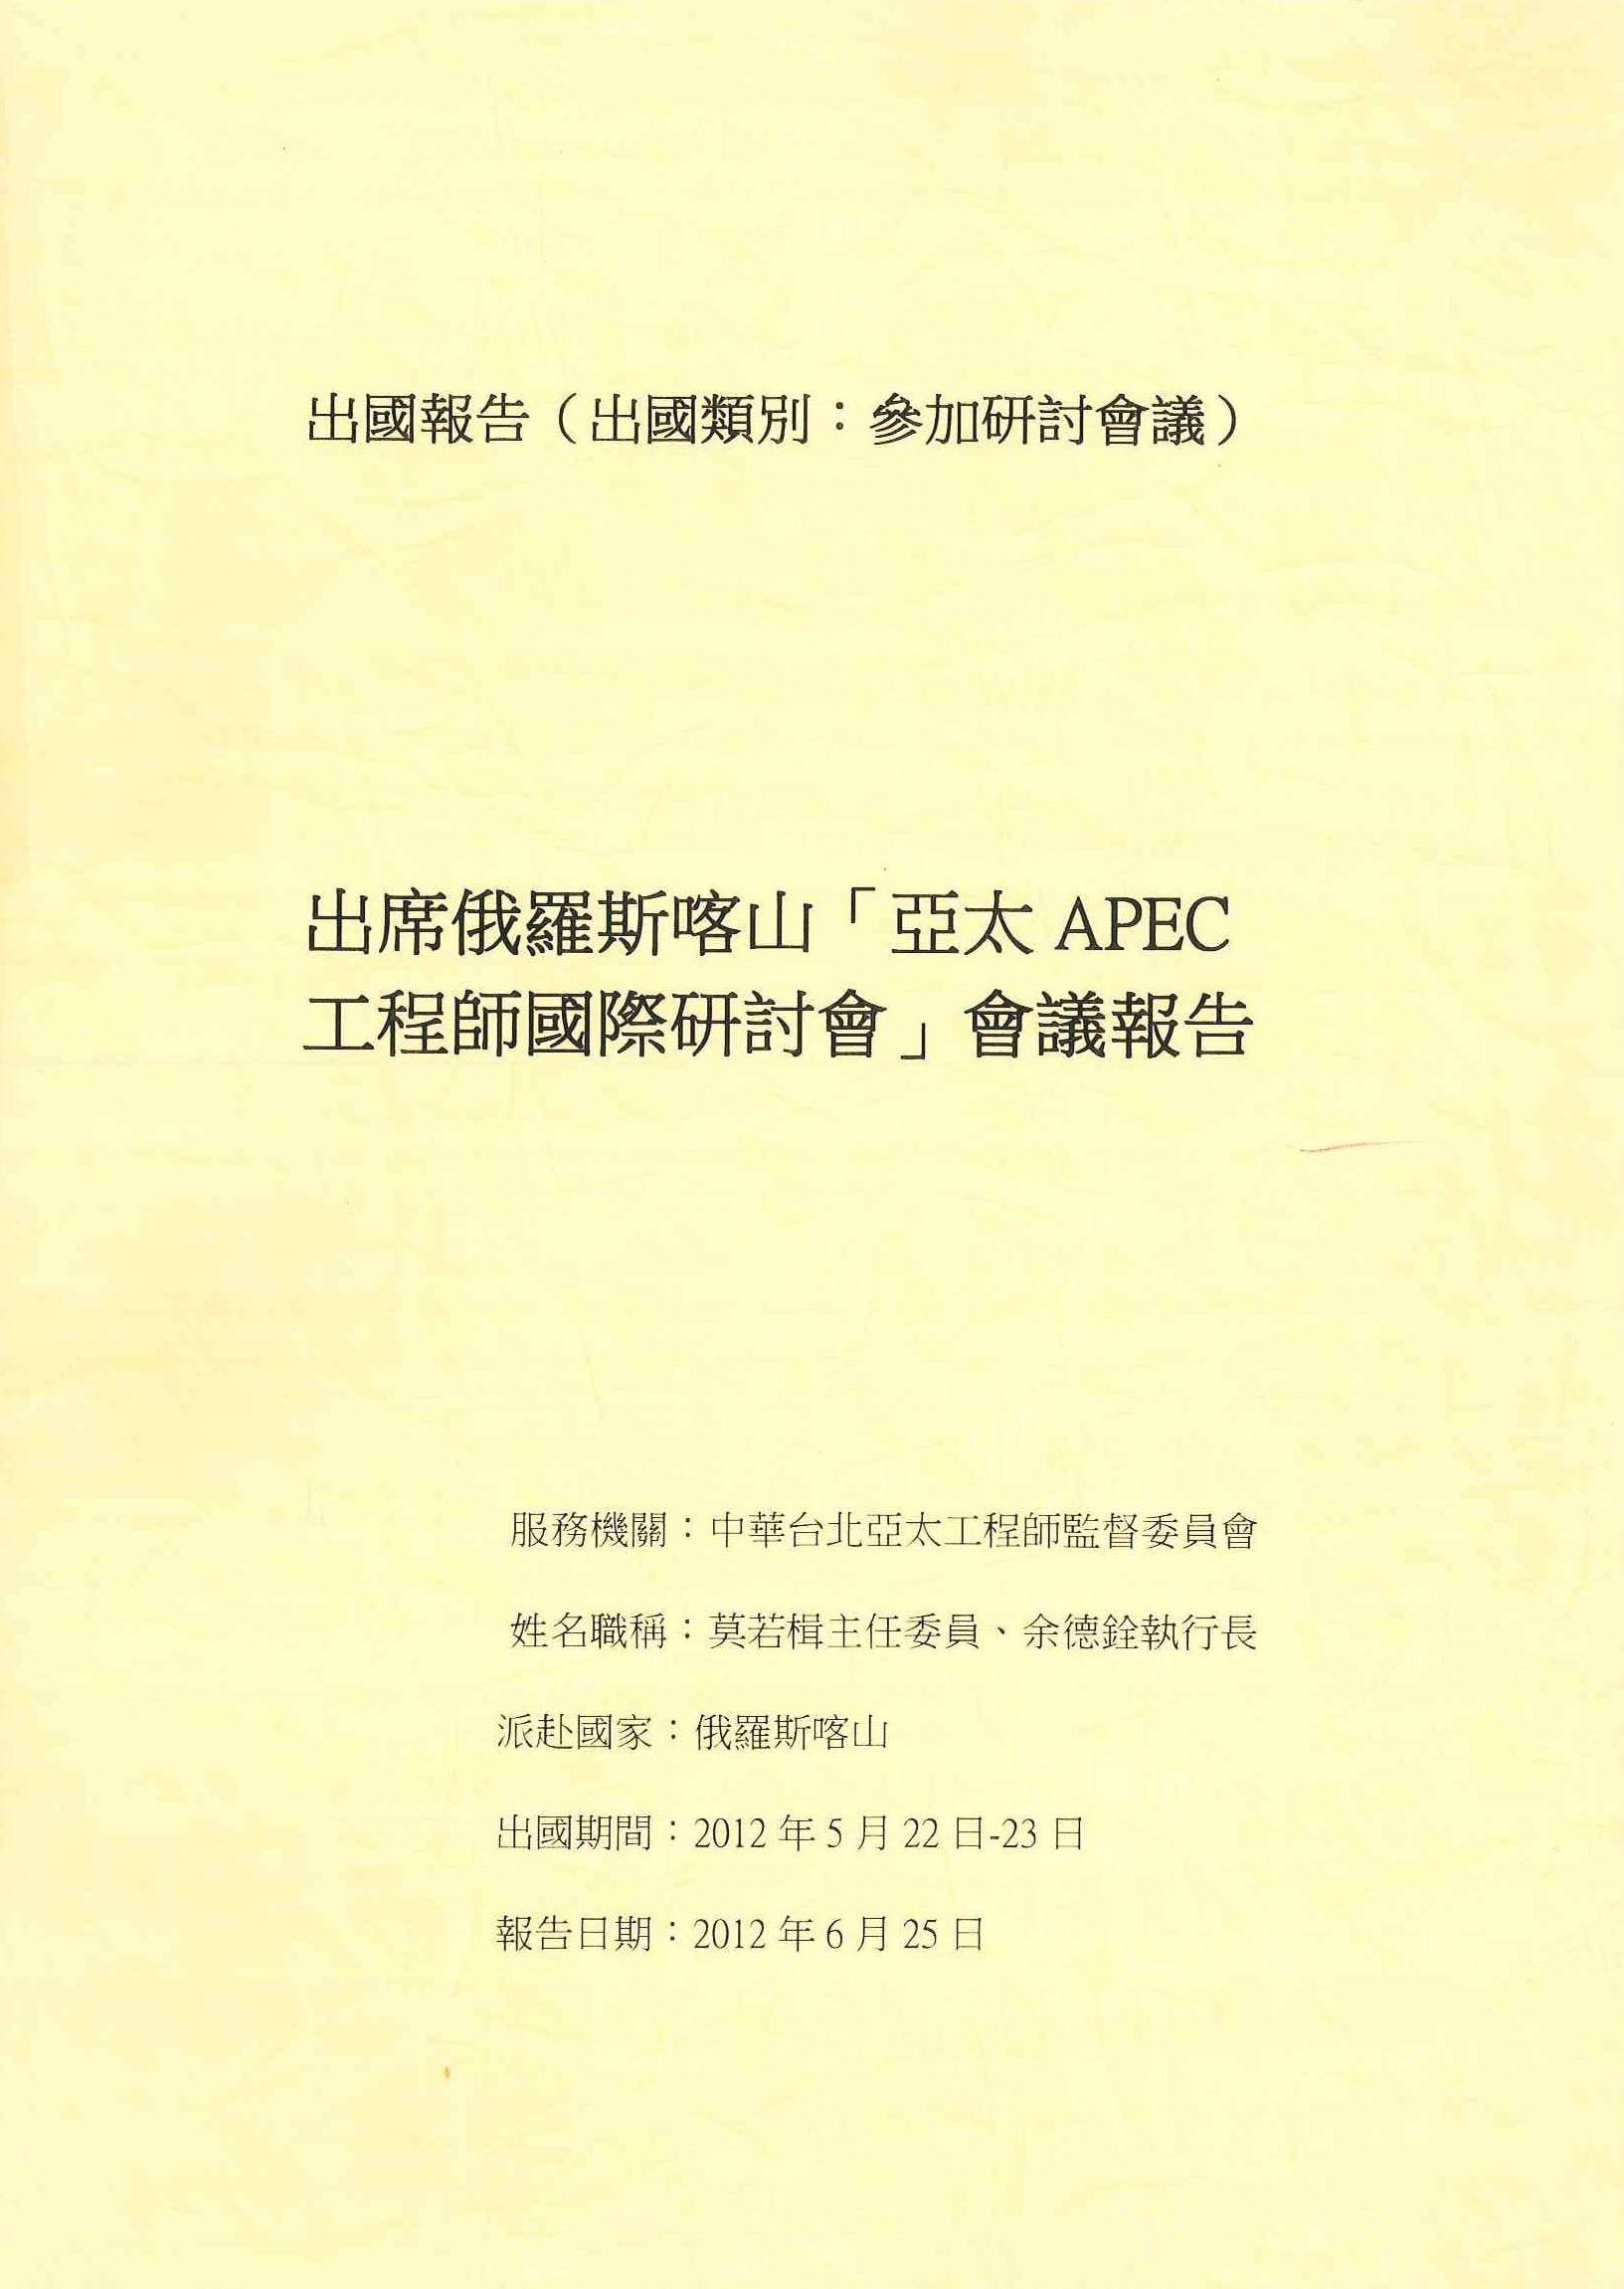 出席俄羅斯喀山「亞太APEC工程師國際研討會」會議報告